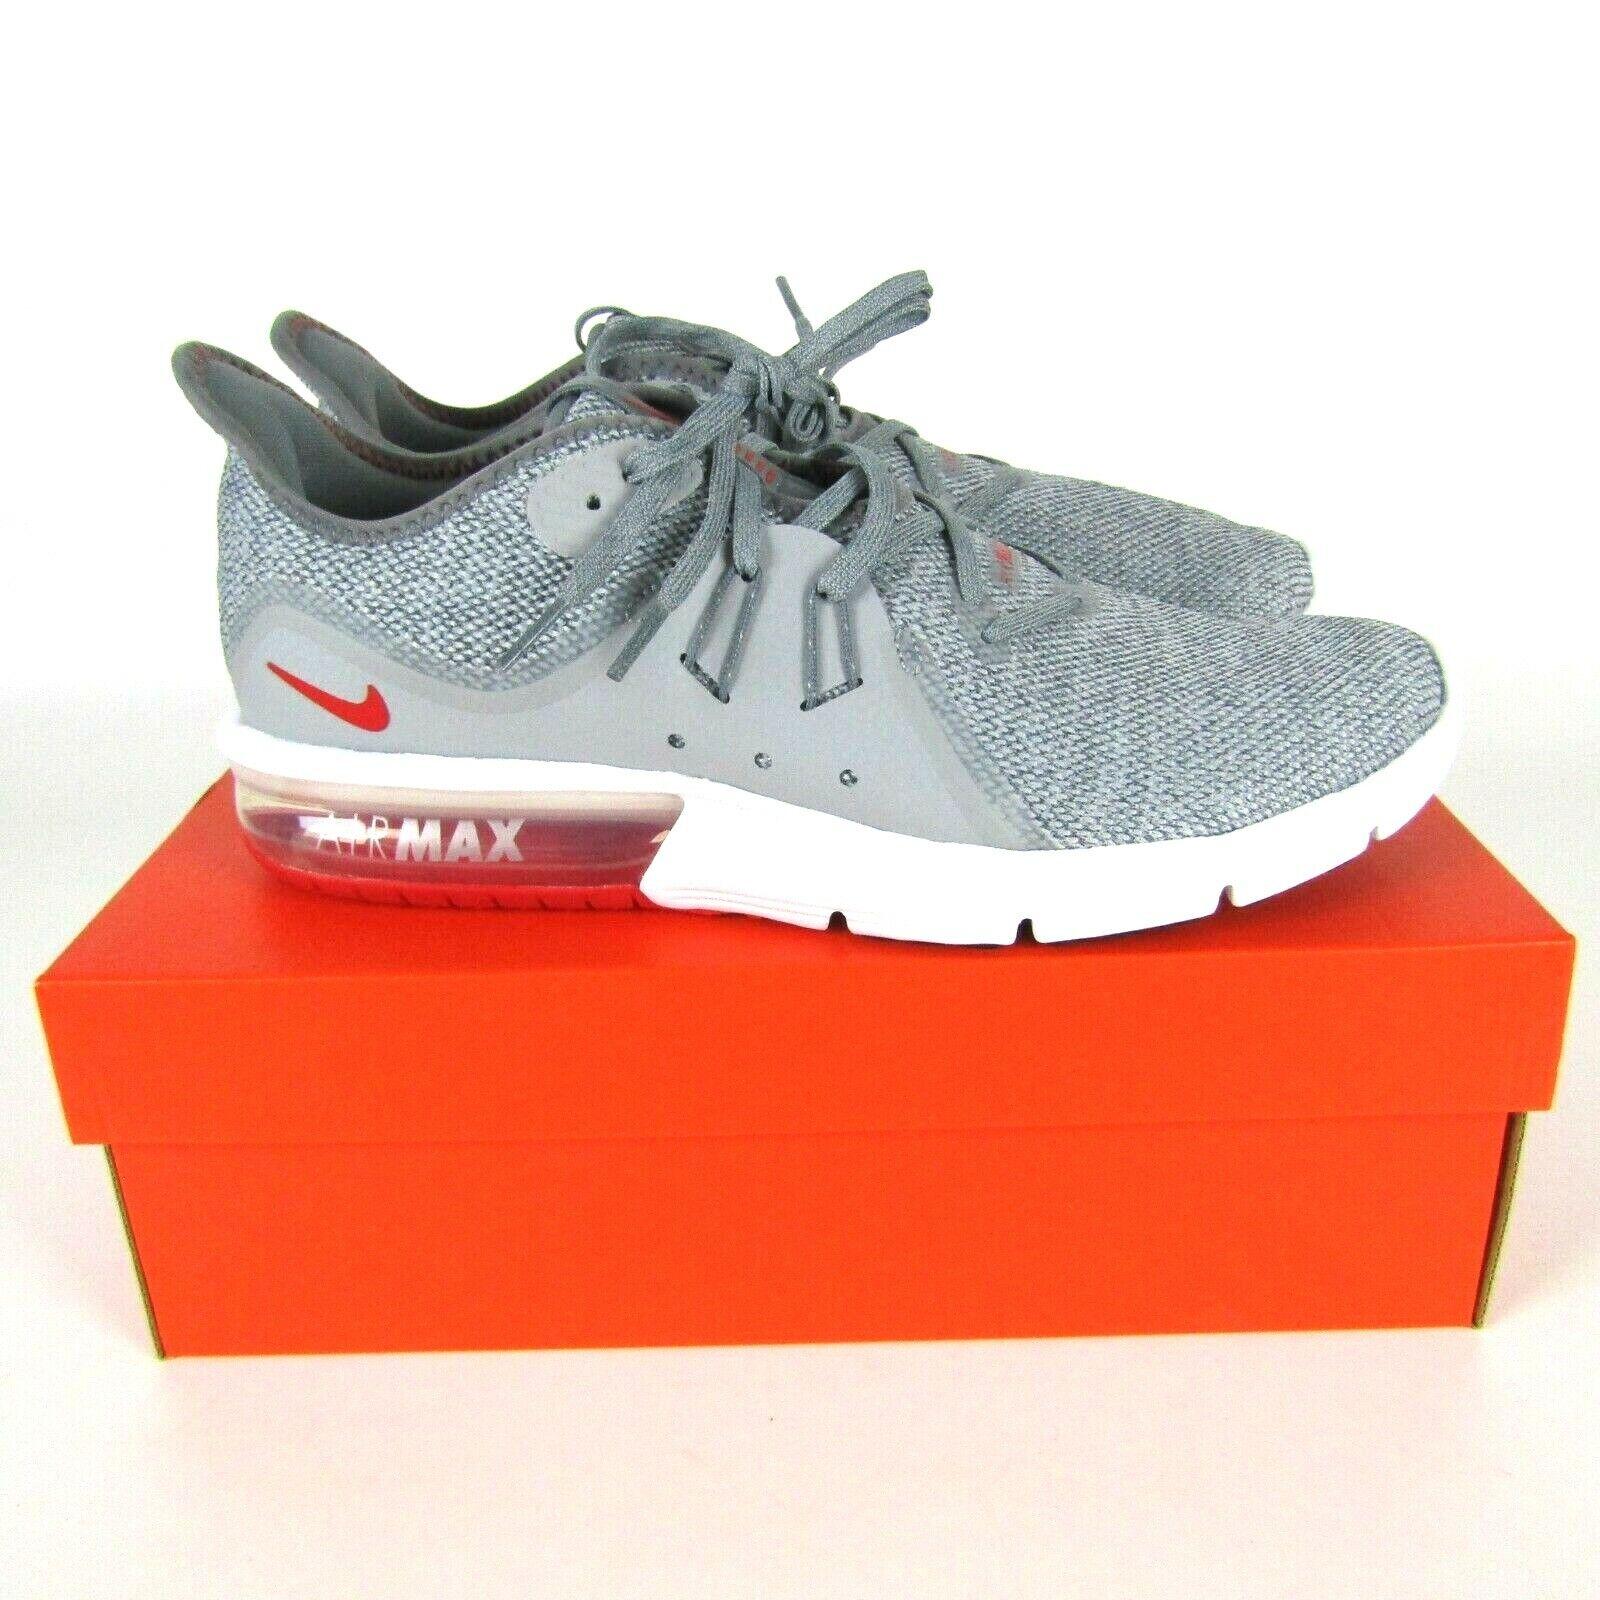 Nike Air Max Aufeinanderfolgend 3 Laufschuhe Cool Grau Rot Weiß 921694-060